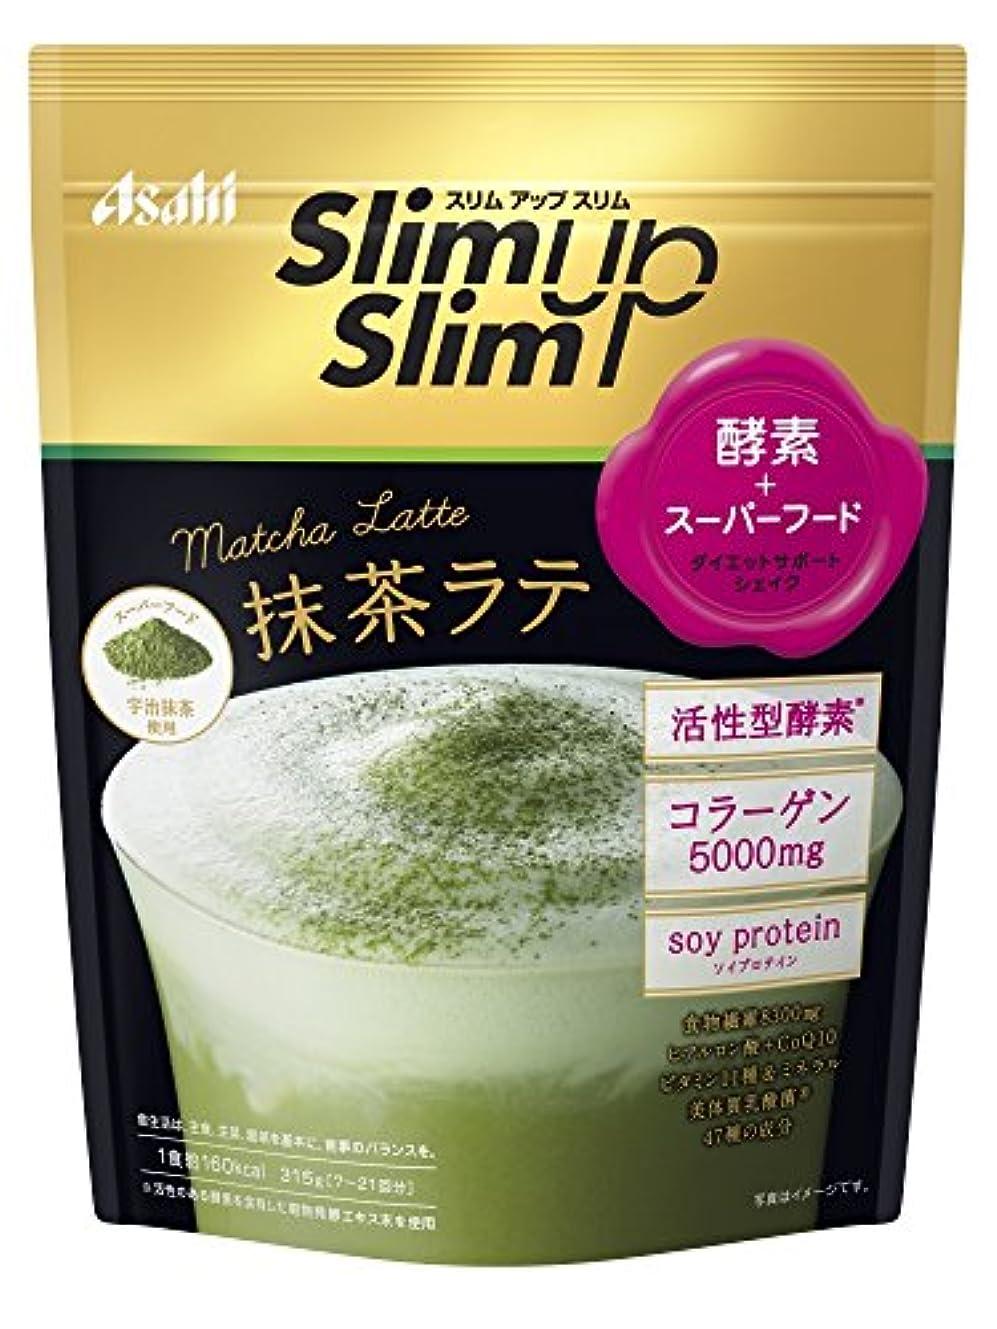 悲惨パック持参スリムアップスリム 酵素+スーパーフードシェイク 抹茶ラテ 315g